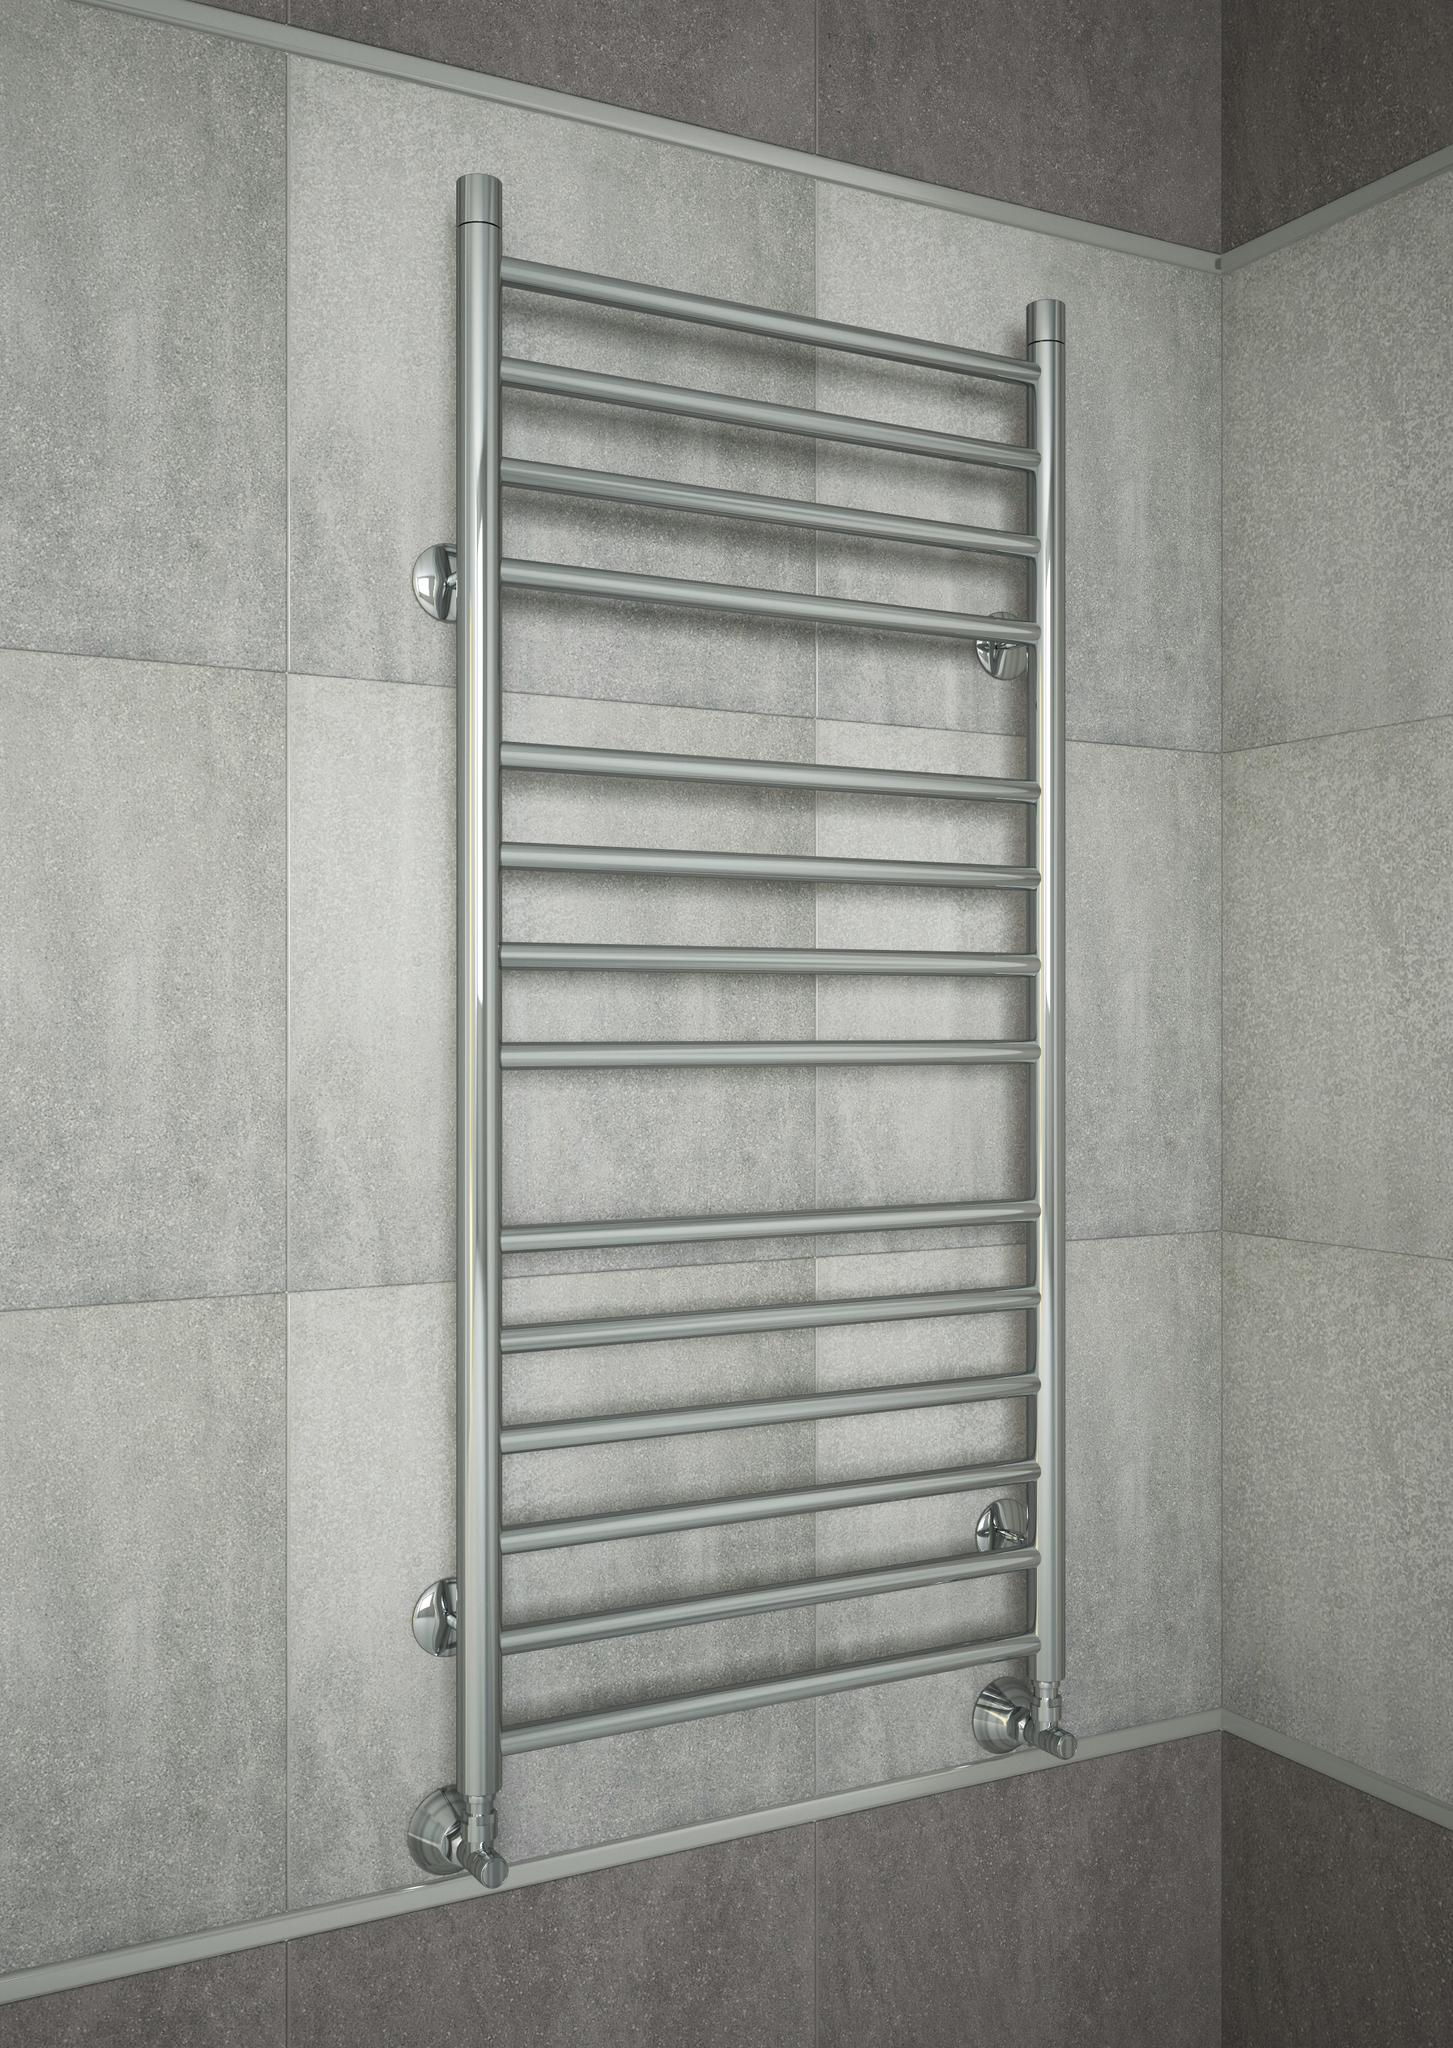 Avrora E-электрический полотенцесушитель из нержавеющей стали.